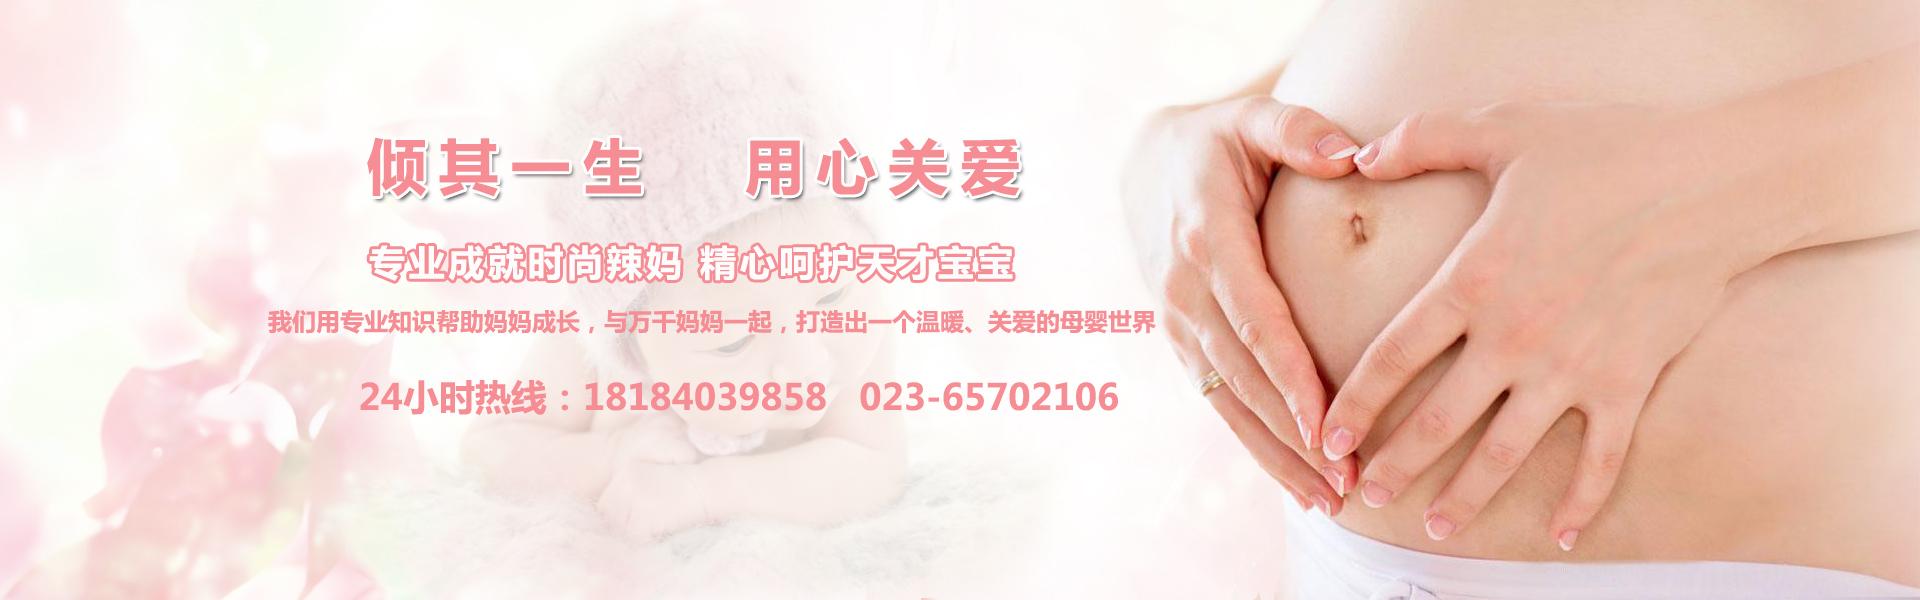 重庆安馨月母婴护理有限公司专业重庆月子中心成就时尚辣妈 精心呵护天才宝宝